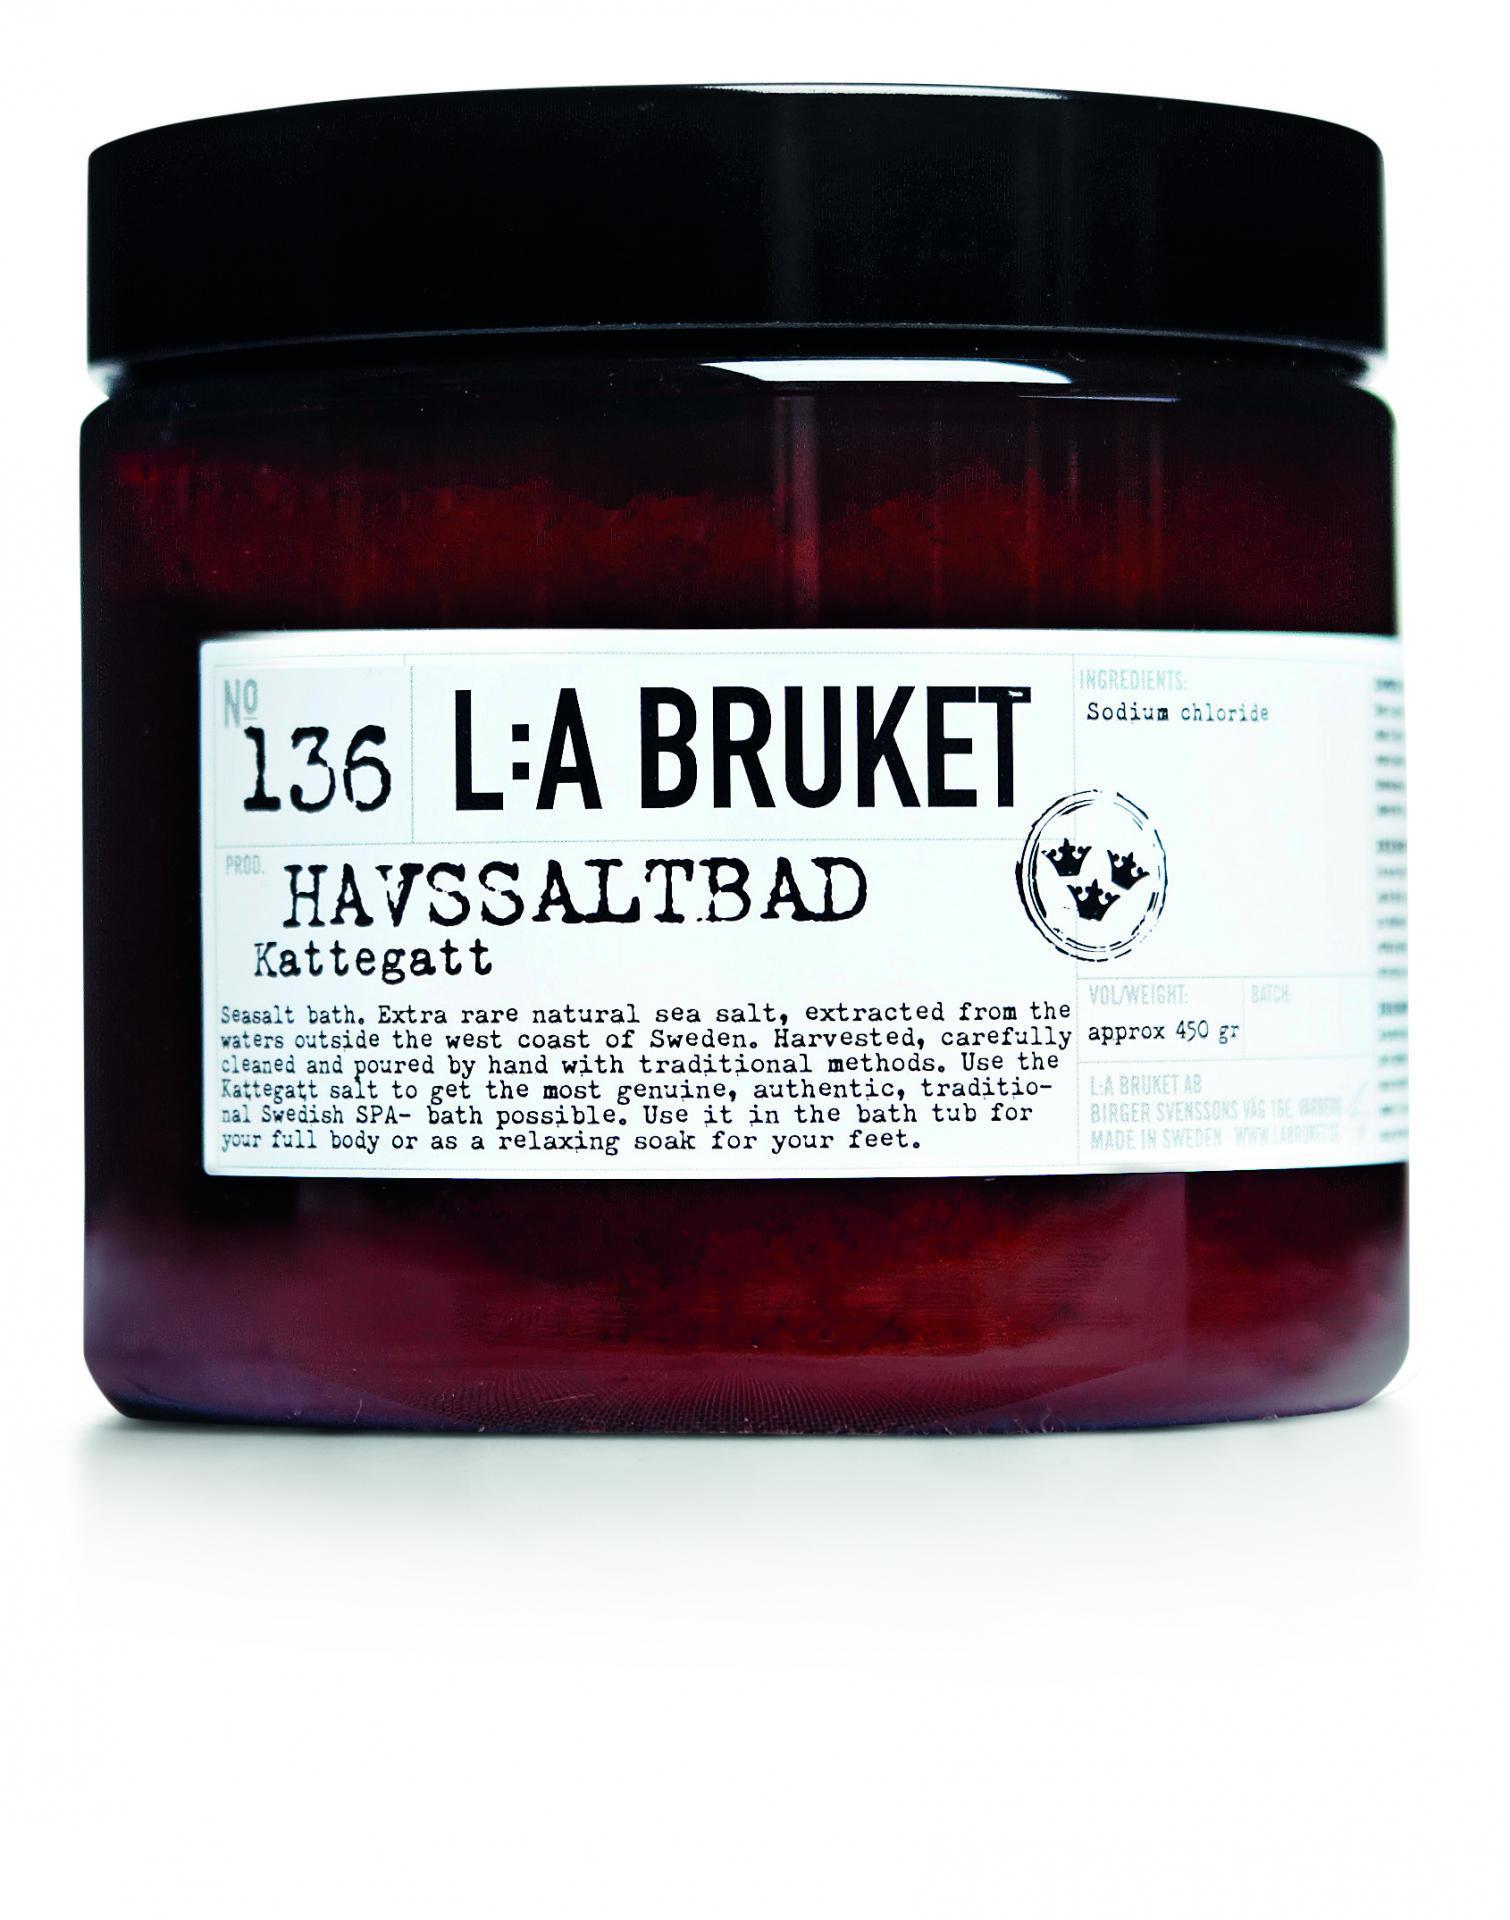 L:A BRUKET Přírodní mořská sůl do koupele 450 g, černá barva, bílá barva, hnědá barva, plast